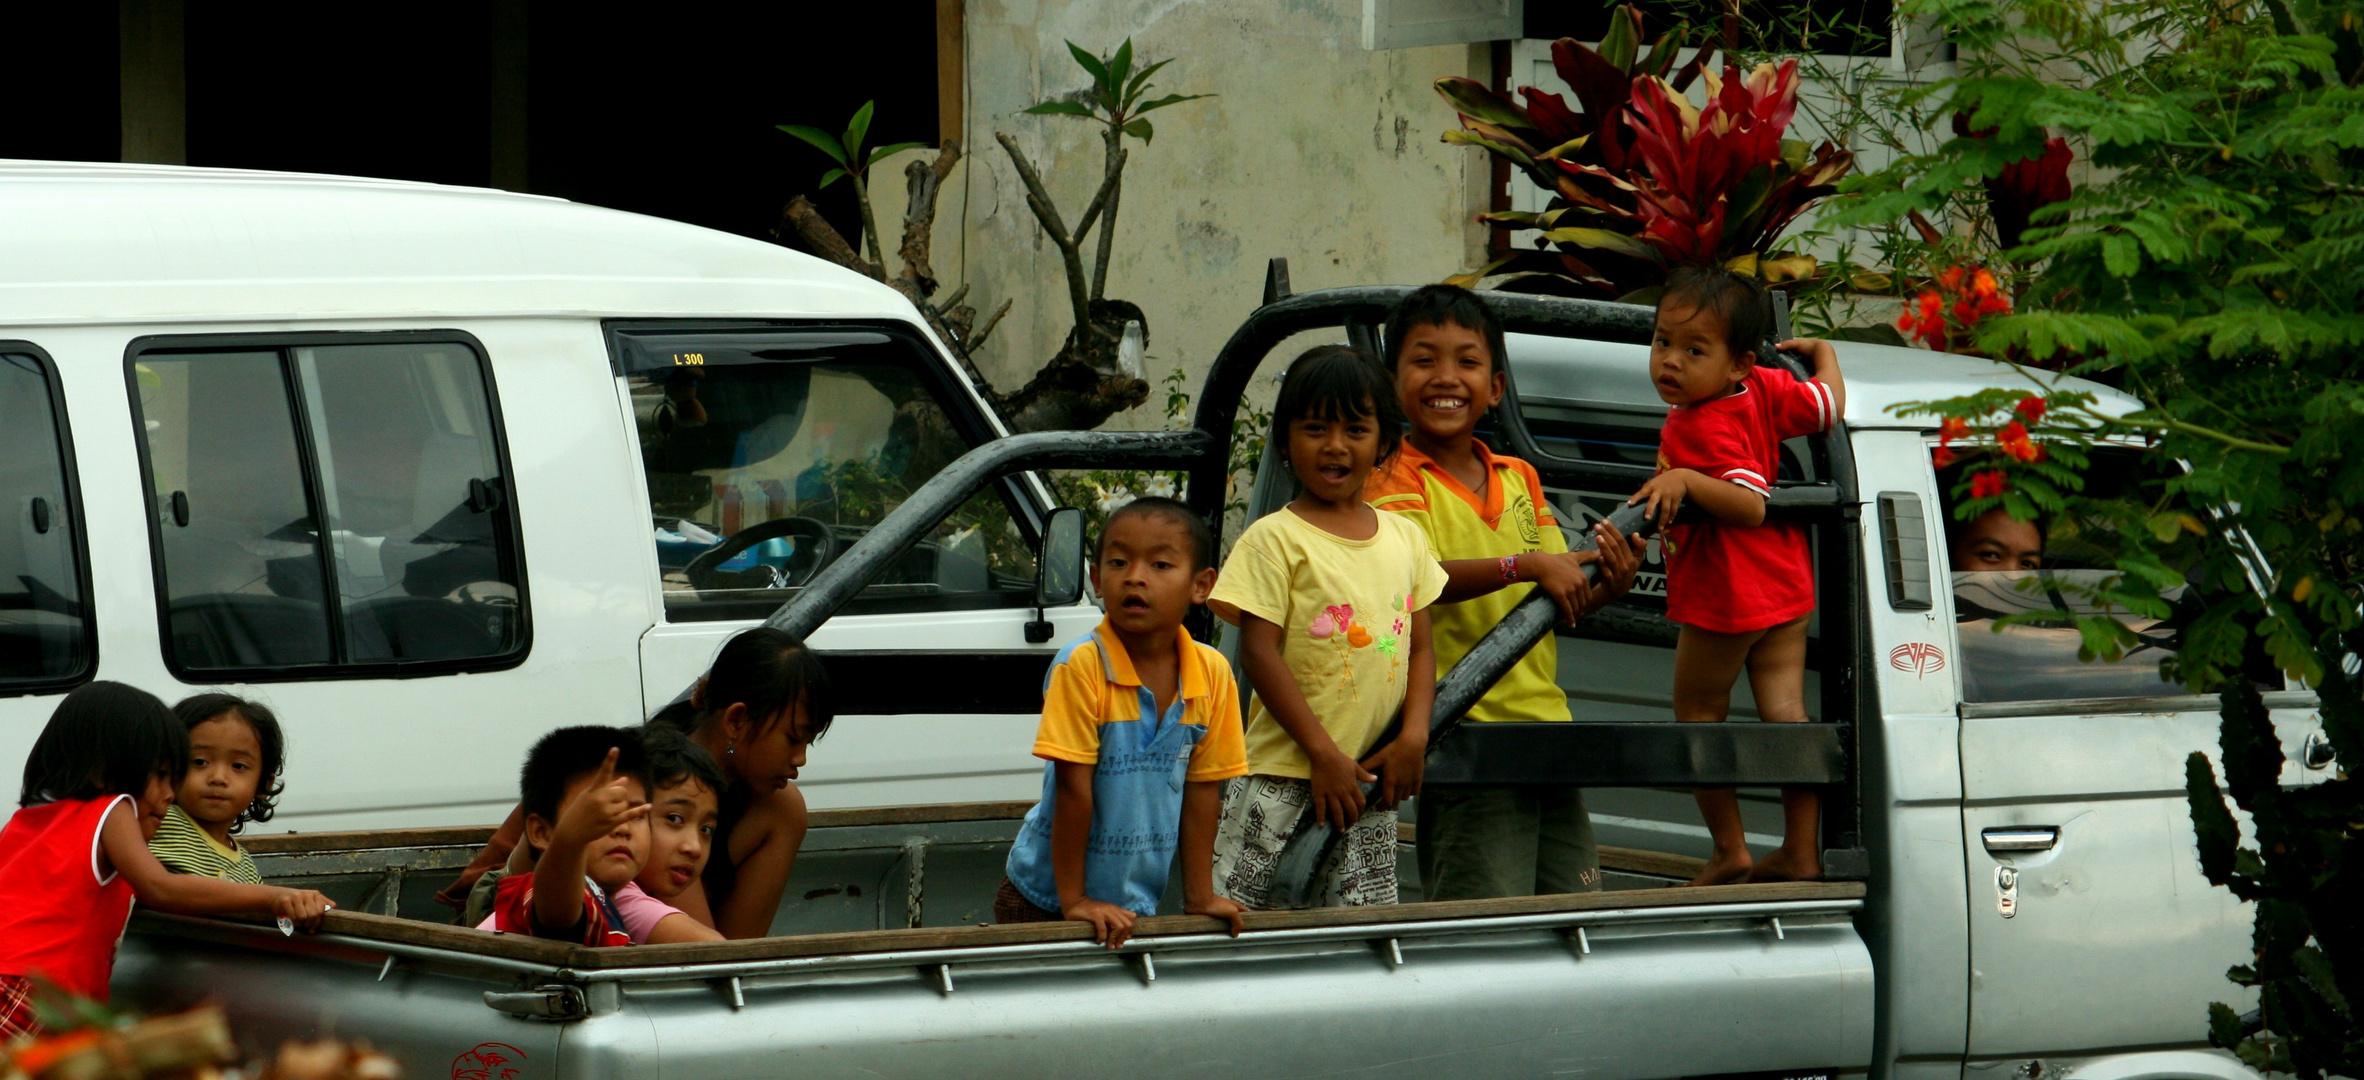 Schön gespielt.... jetzt müssen wir nach hause - fotografiert auf Bali